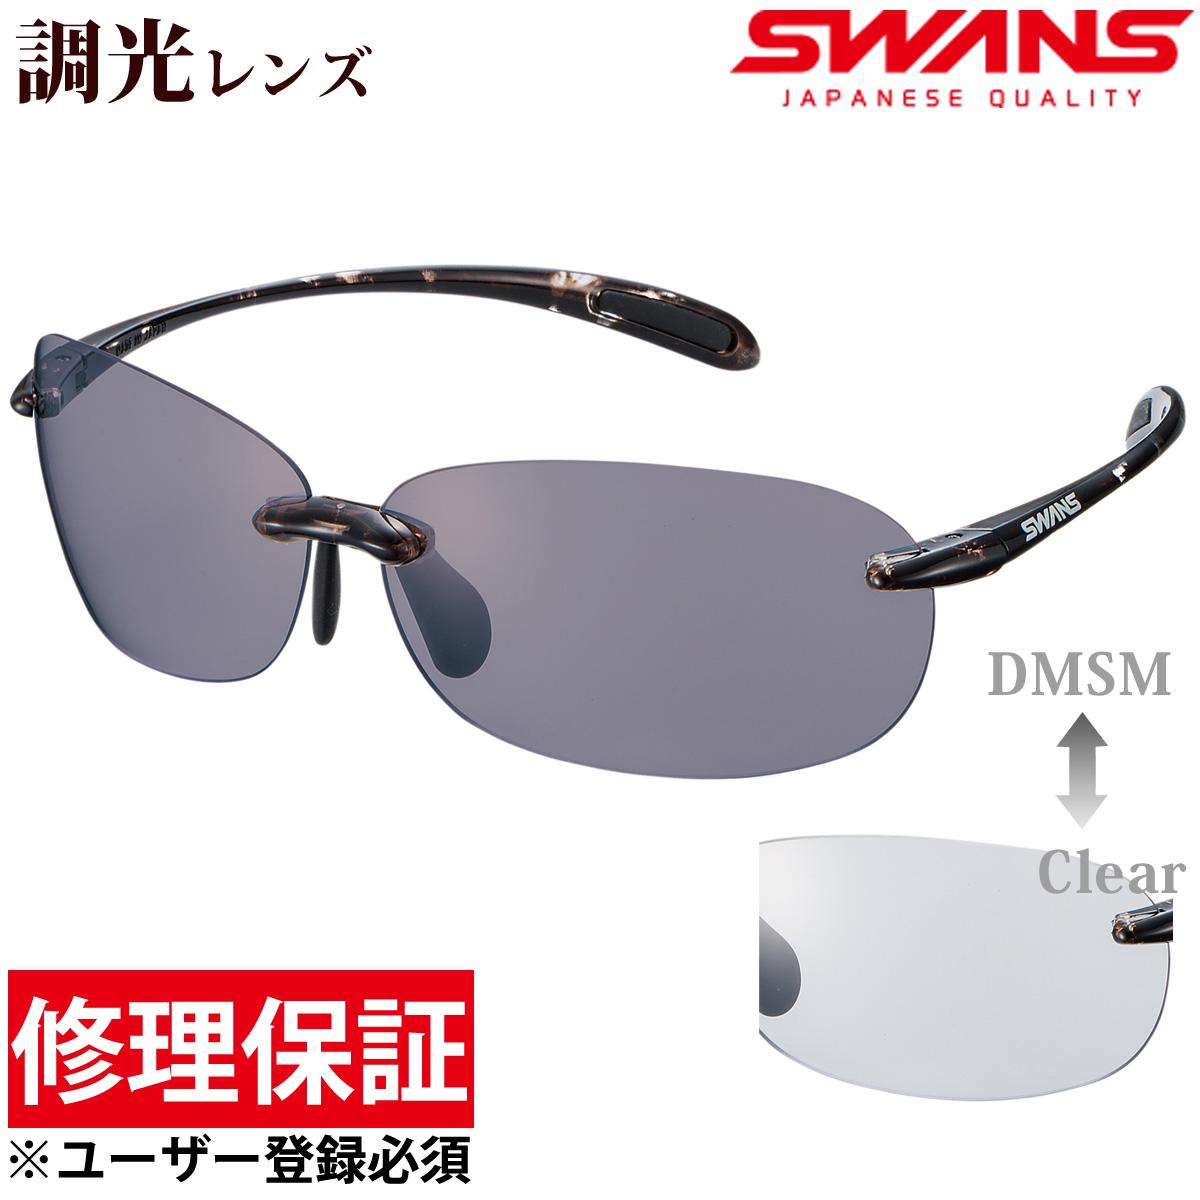 サングラス メンズ レディース 調光レンズ エアレスビーンズ UV カット SWANS スワンズ SWANS スワンズ